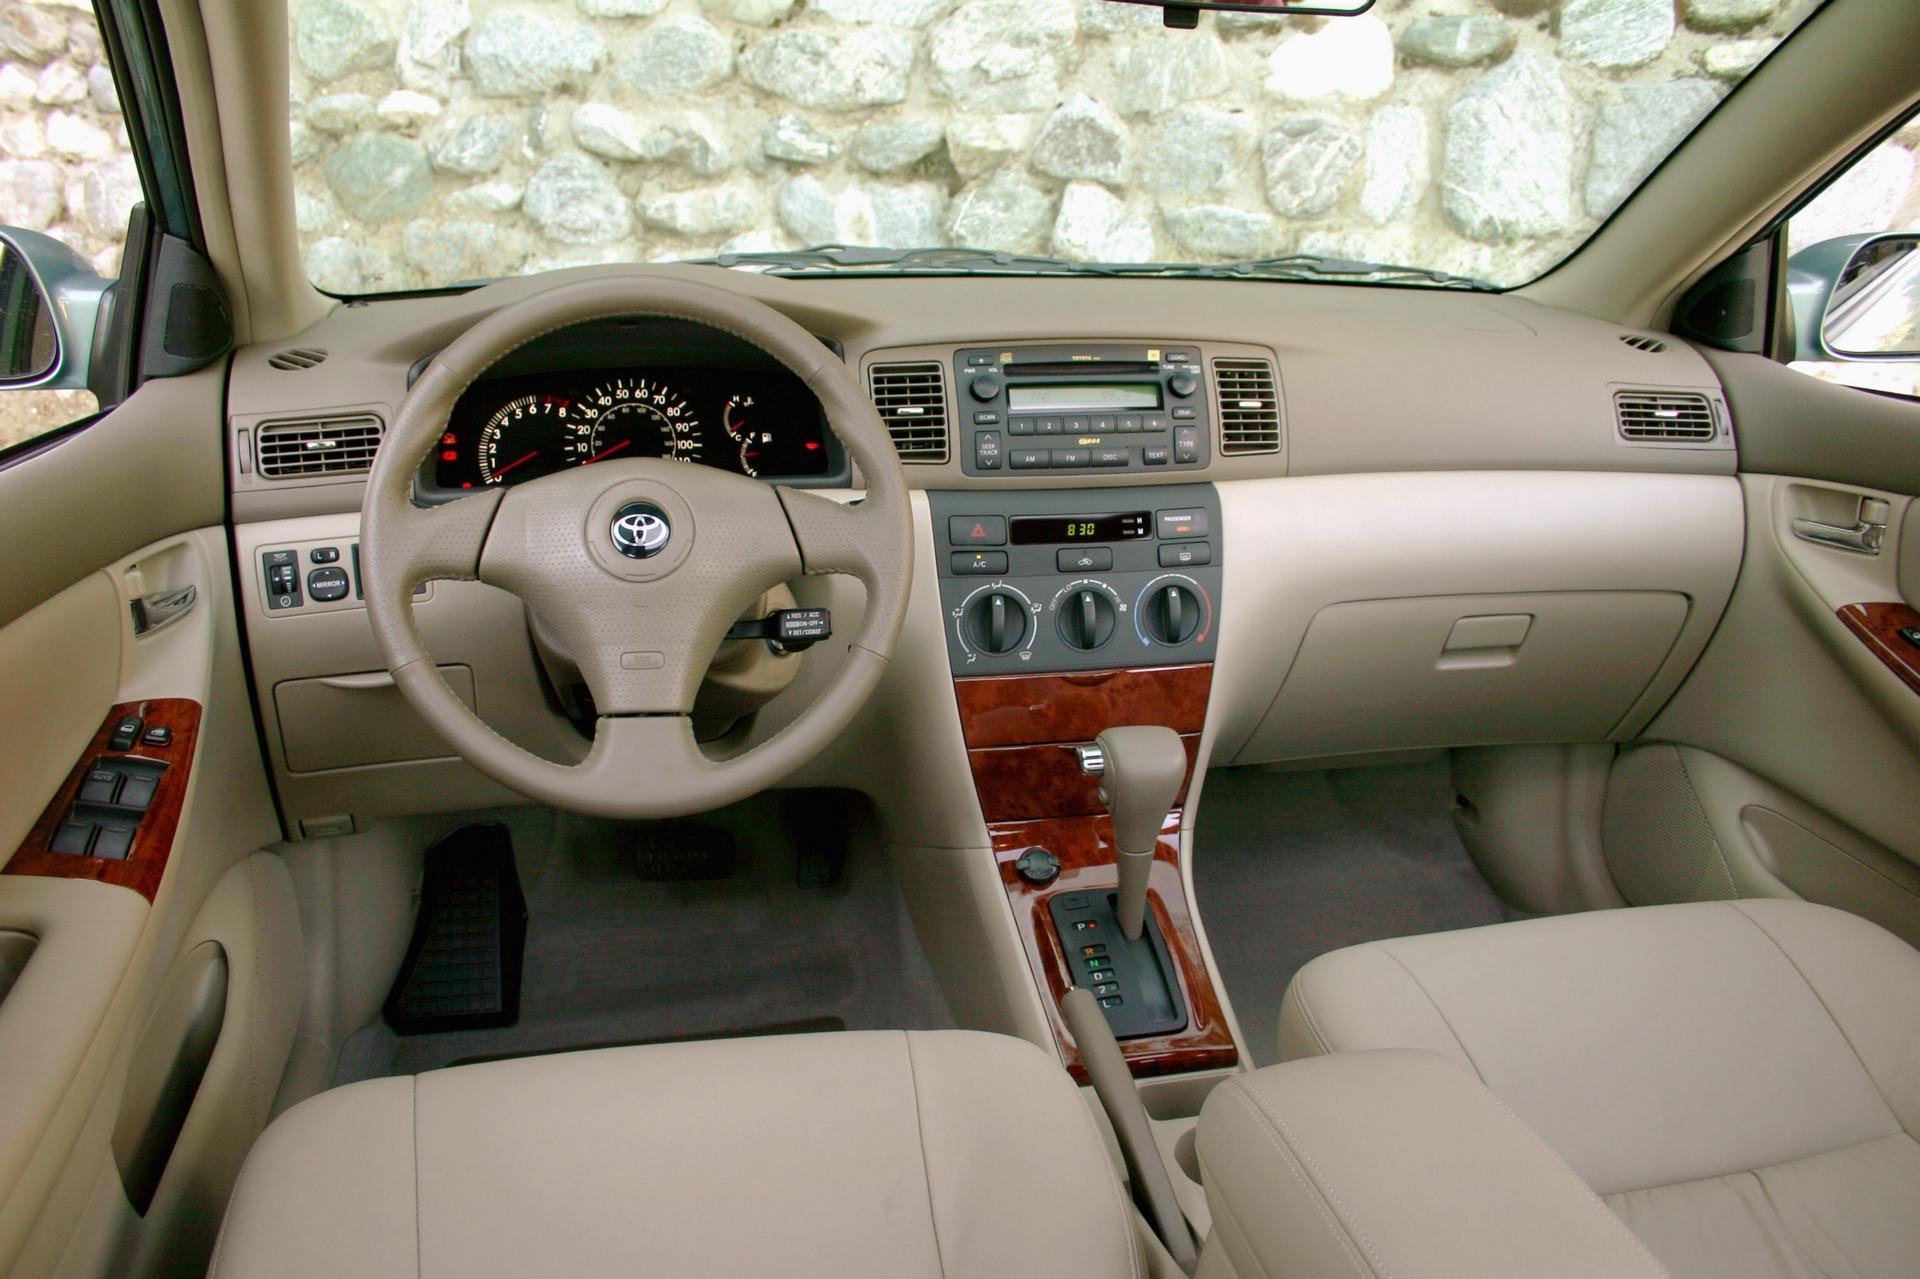 2009 Toyota Corolla Images Photo toyotaCorolla2009imagei013jpg